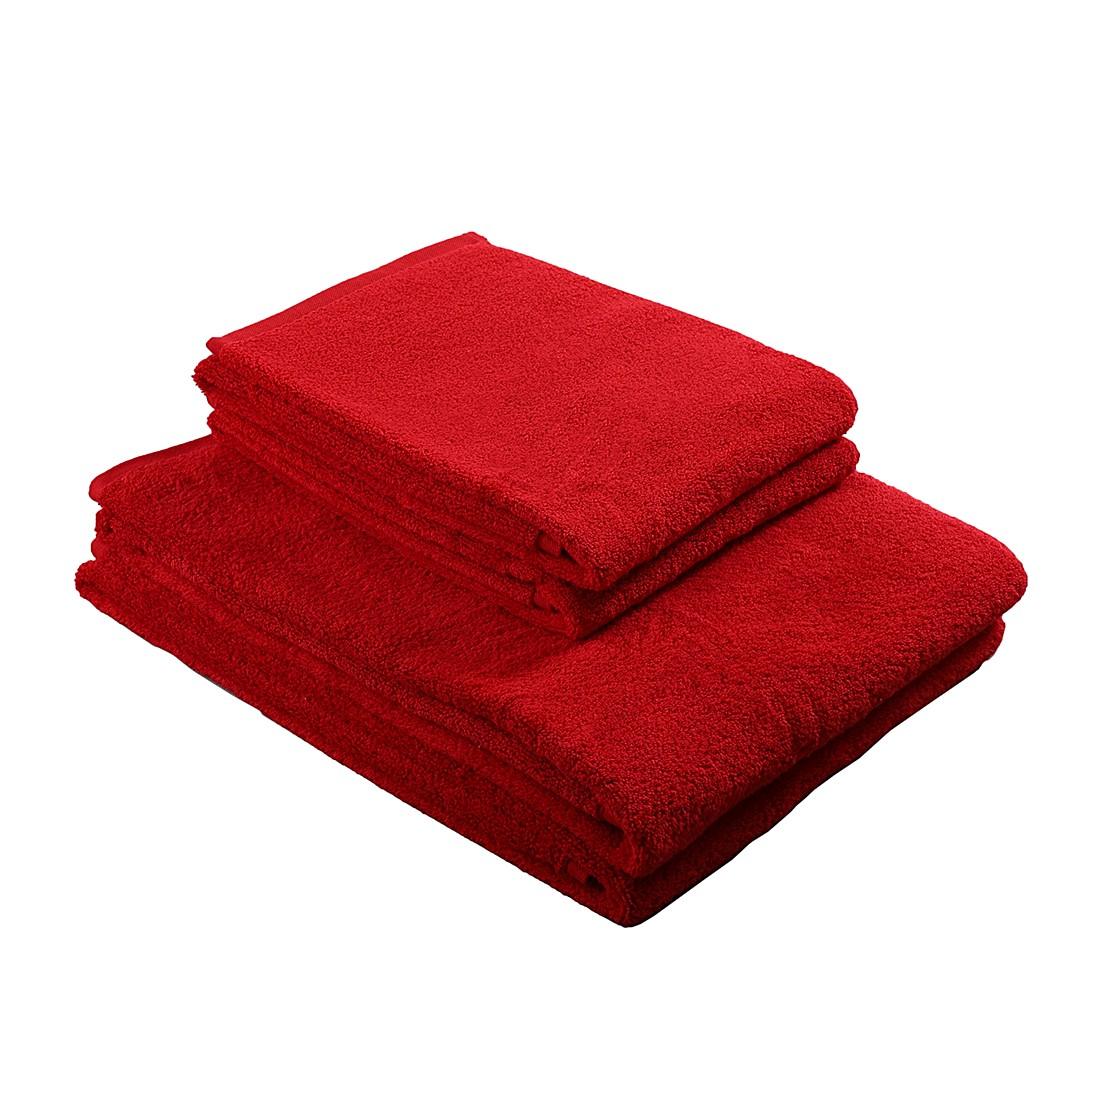 Handtuch-& Badetuchset PURE (4-teilig) – 100% Baumwolle – Rot, stilana online kaufen